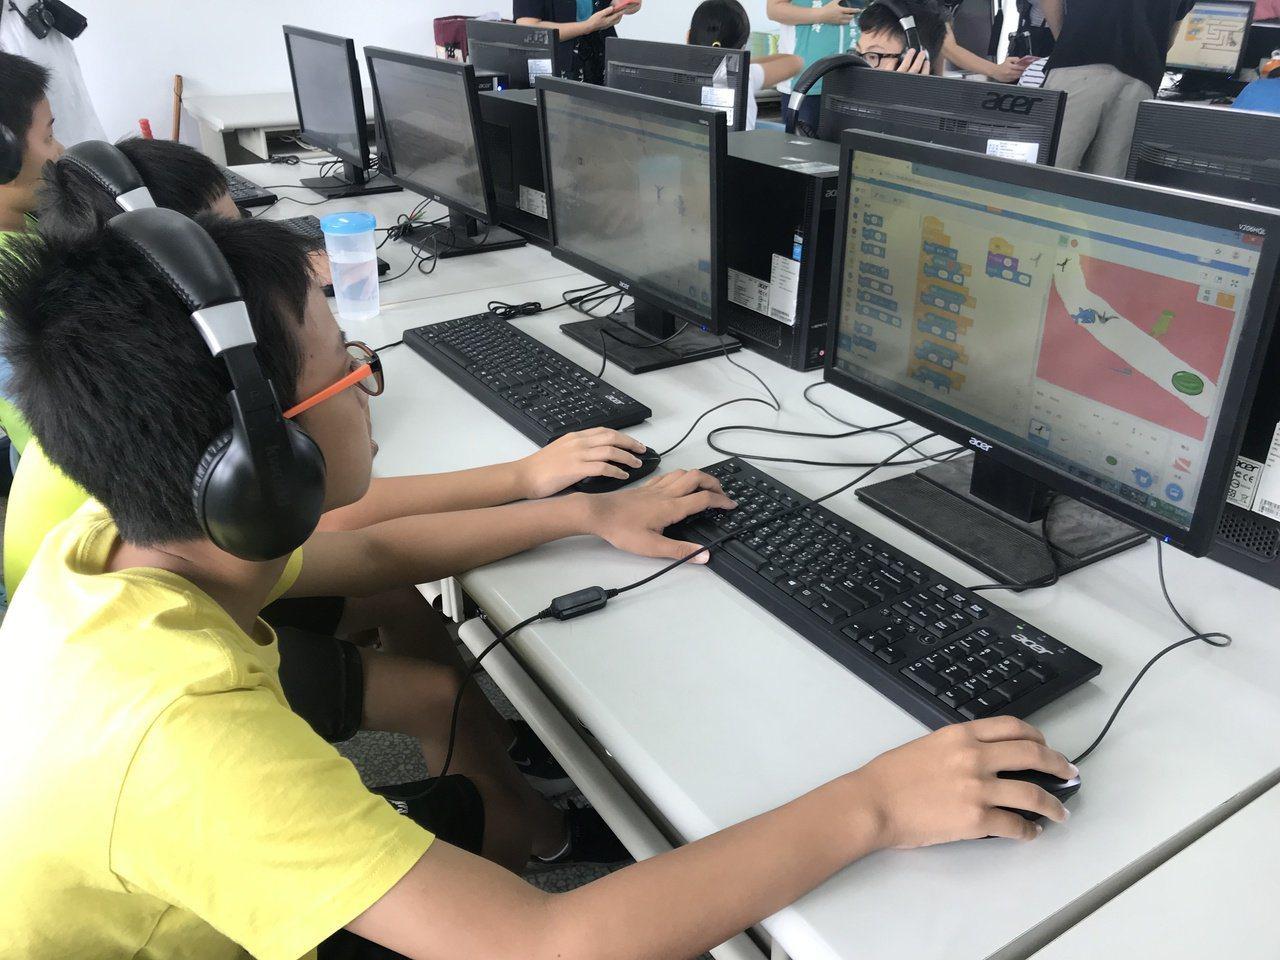 電腦教室從舊式螢幕(左)汰換成輕薄型的液晶螢幕(右)